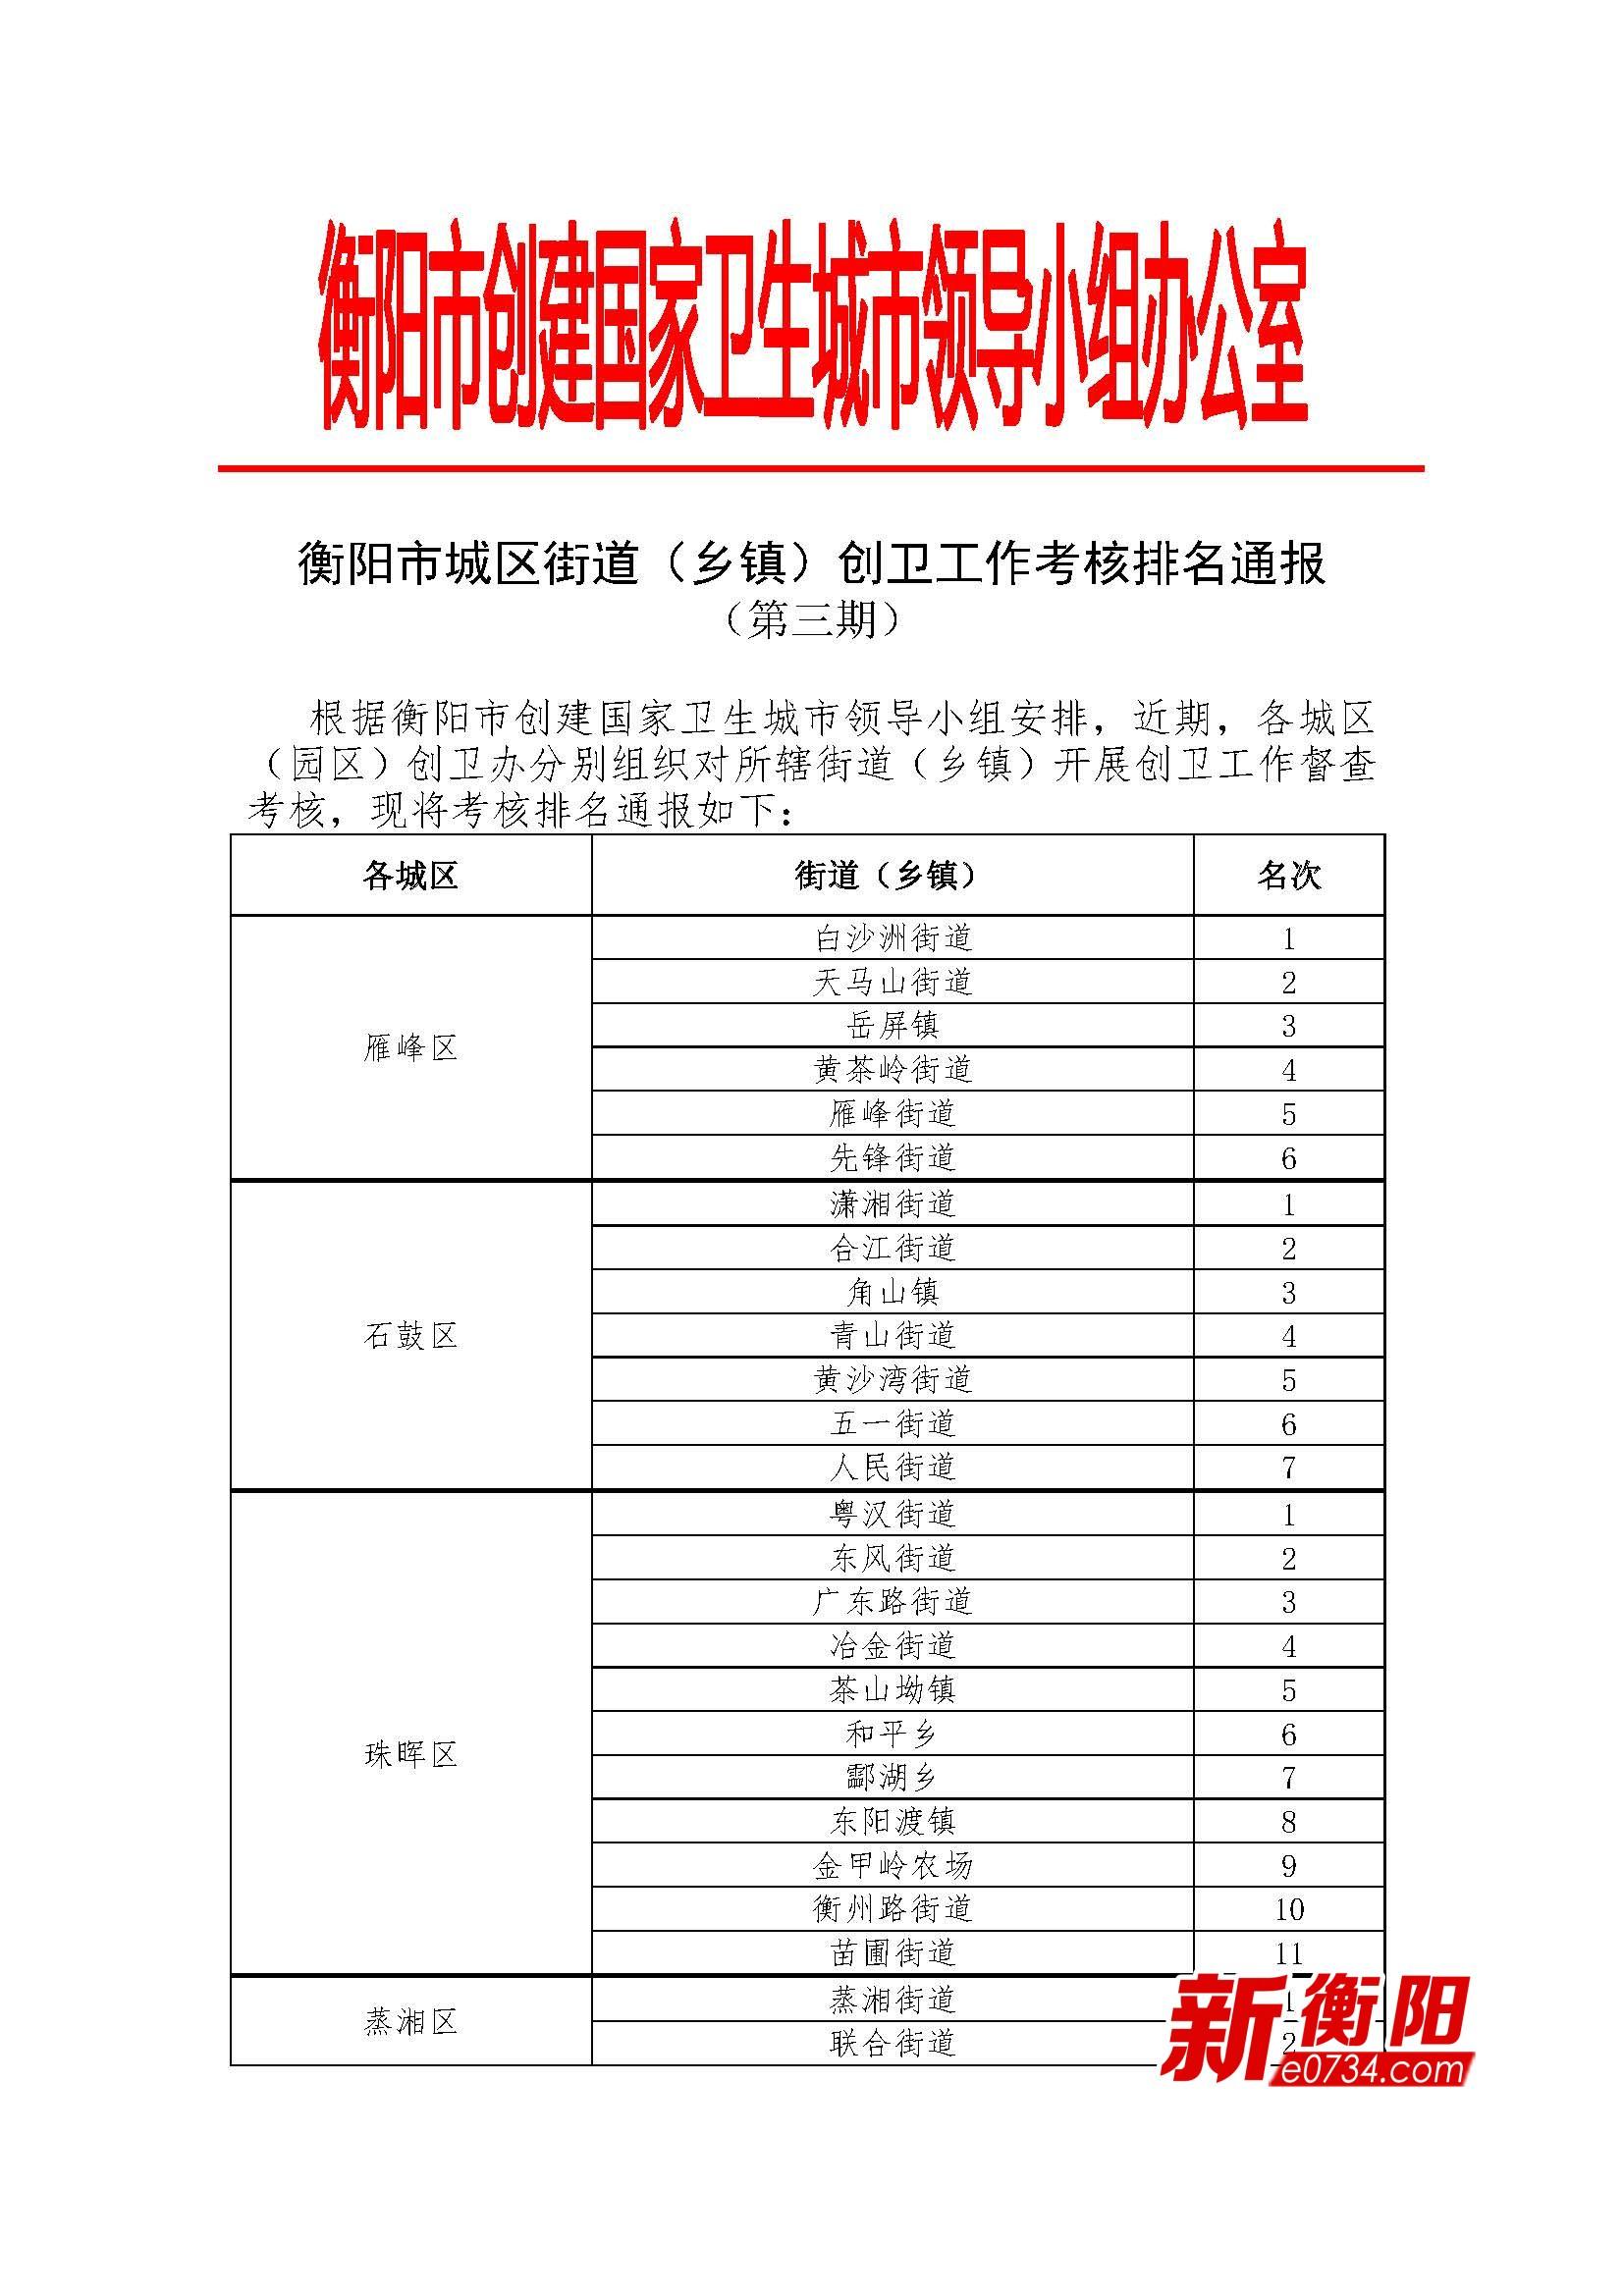 第三期衡阳城区街道(乡镇)创卫工作考核排名公布